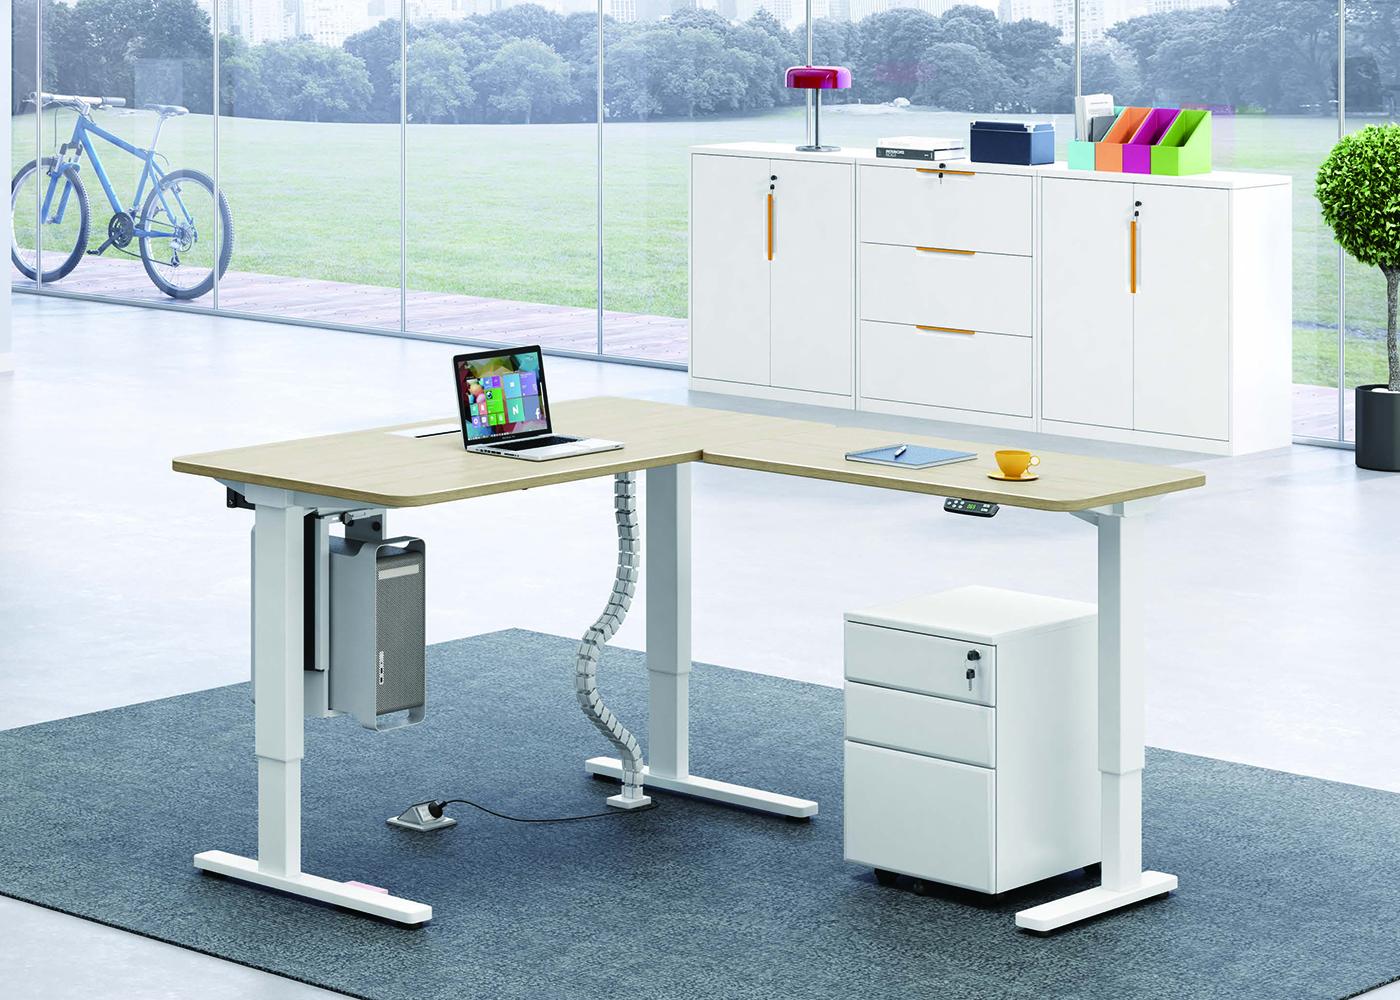 米克智能升降桌A01,上海智能升降桌,【尺寸 价格 图片 品牌】